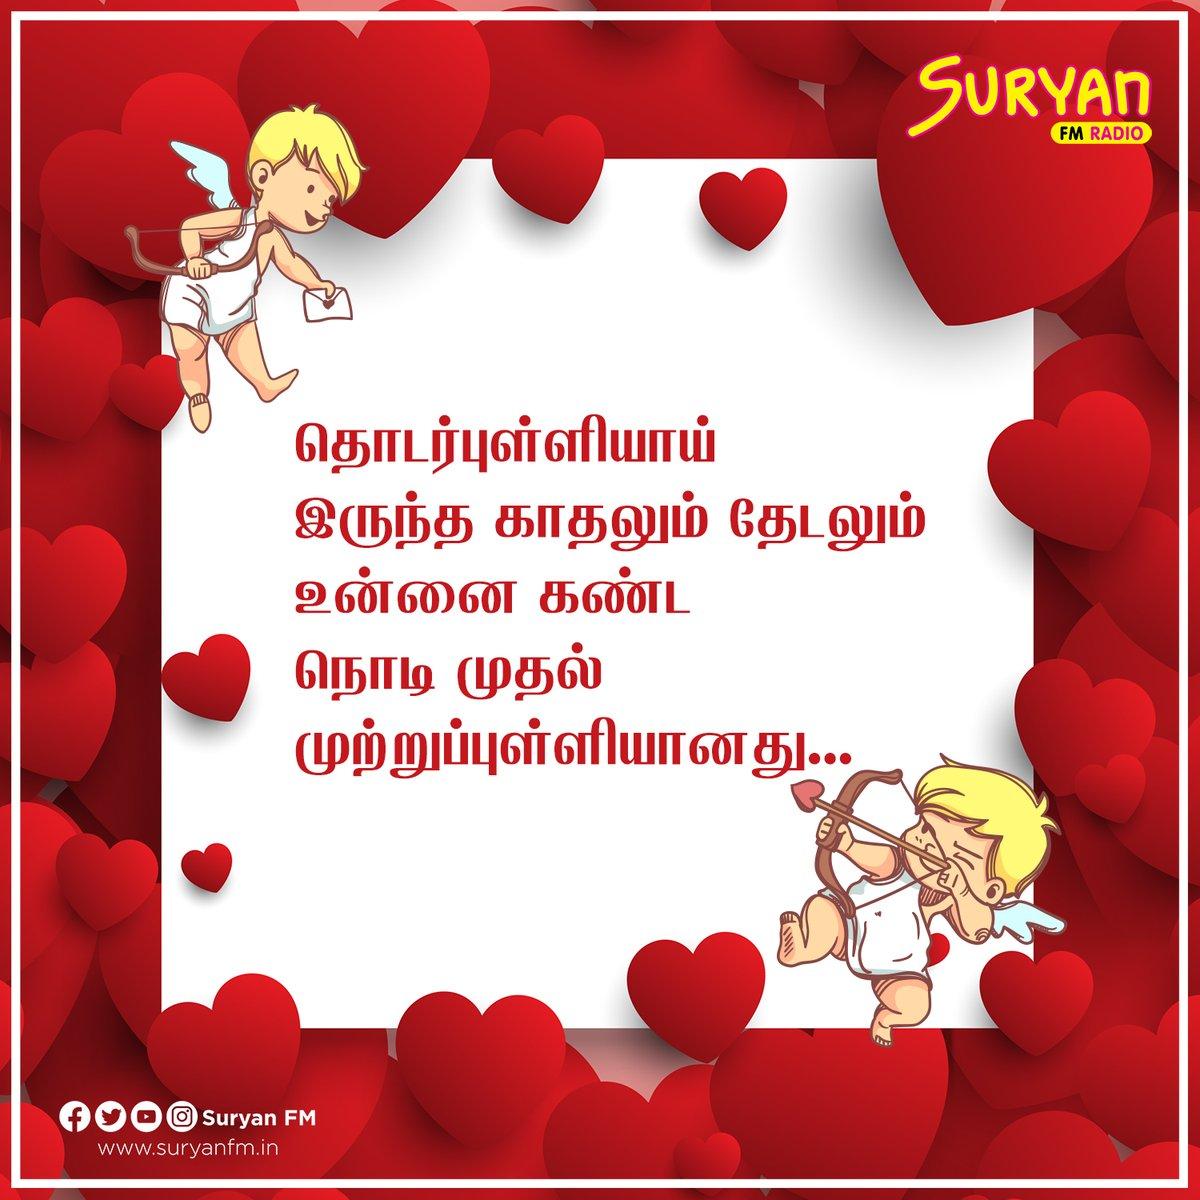 காதலும் கவி பாடும்... 😍😍😍  #February2021 #valentinesday2021 #ValentinesDay  #lovequotes #tamillovequotes #sundayvibes #SundayMotivation #SundayThoughts #SundayMorning    #SuryanFM @SuryanFM